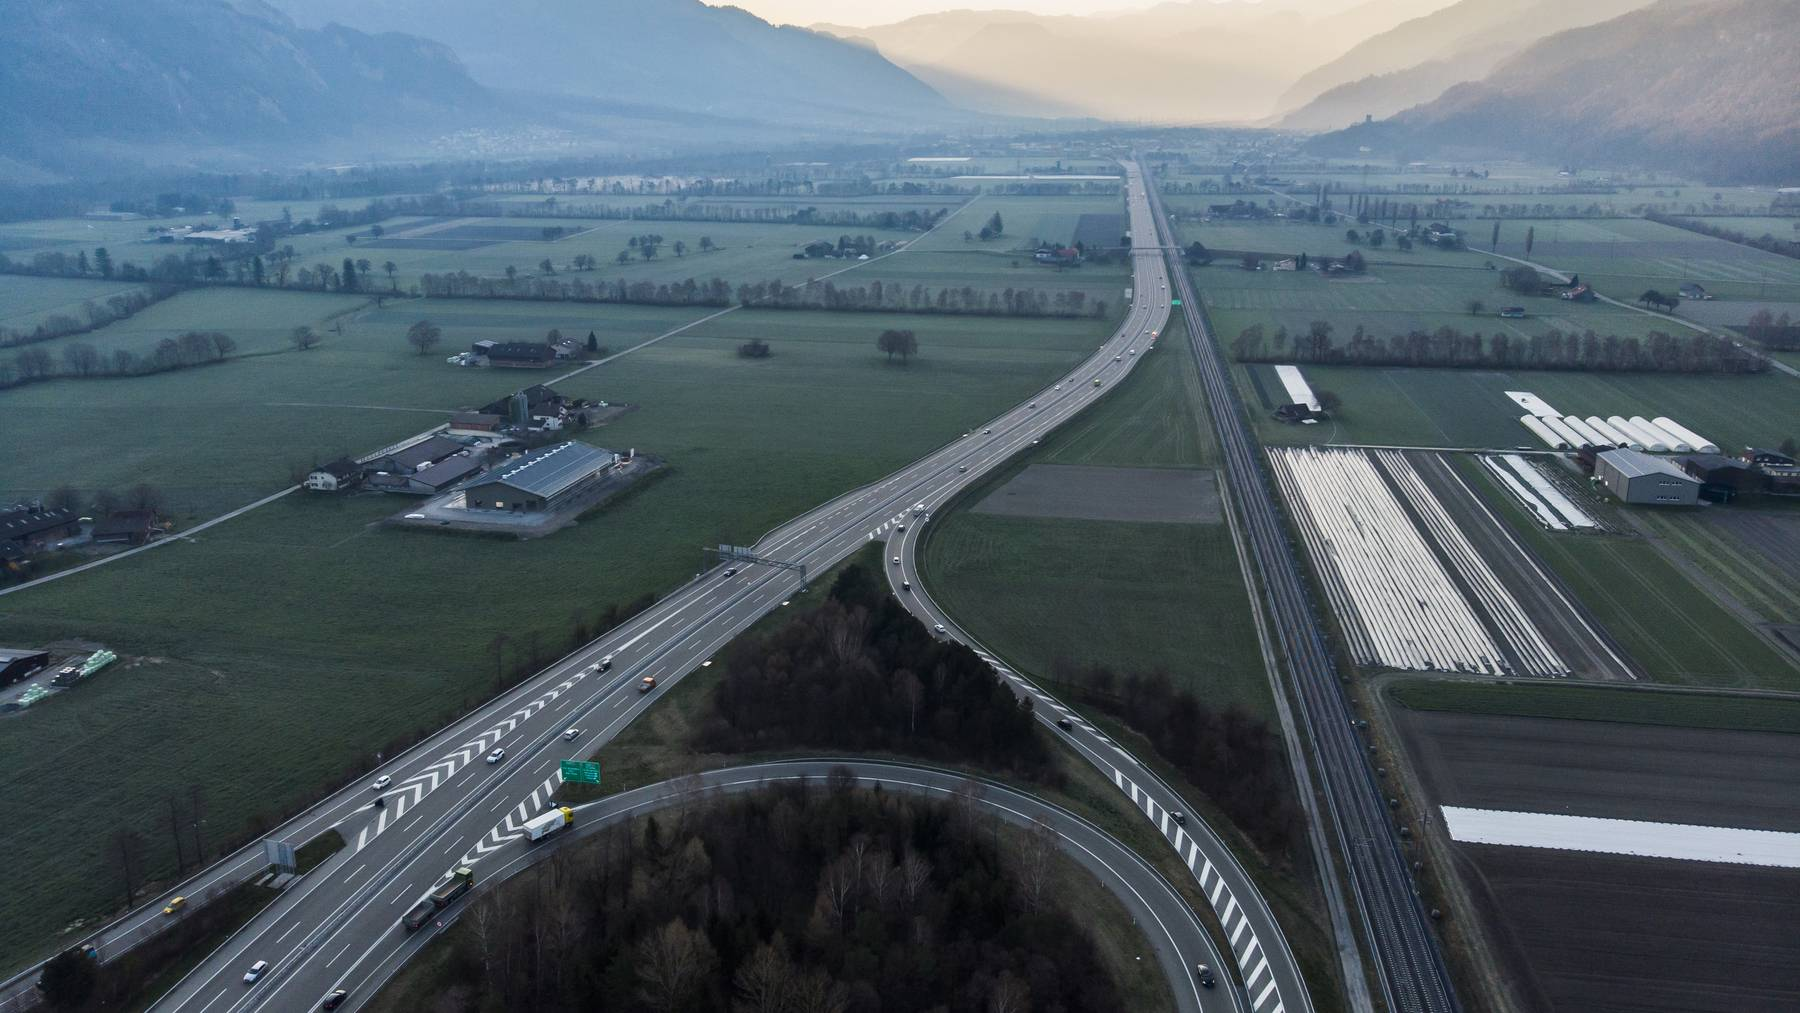 Auf der Autobahn zwischen Sargans und Chur kam es zu einem Verkehrsunfall. Die Wartezeit beträgt circa eine Stunde..